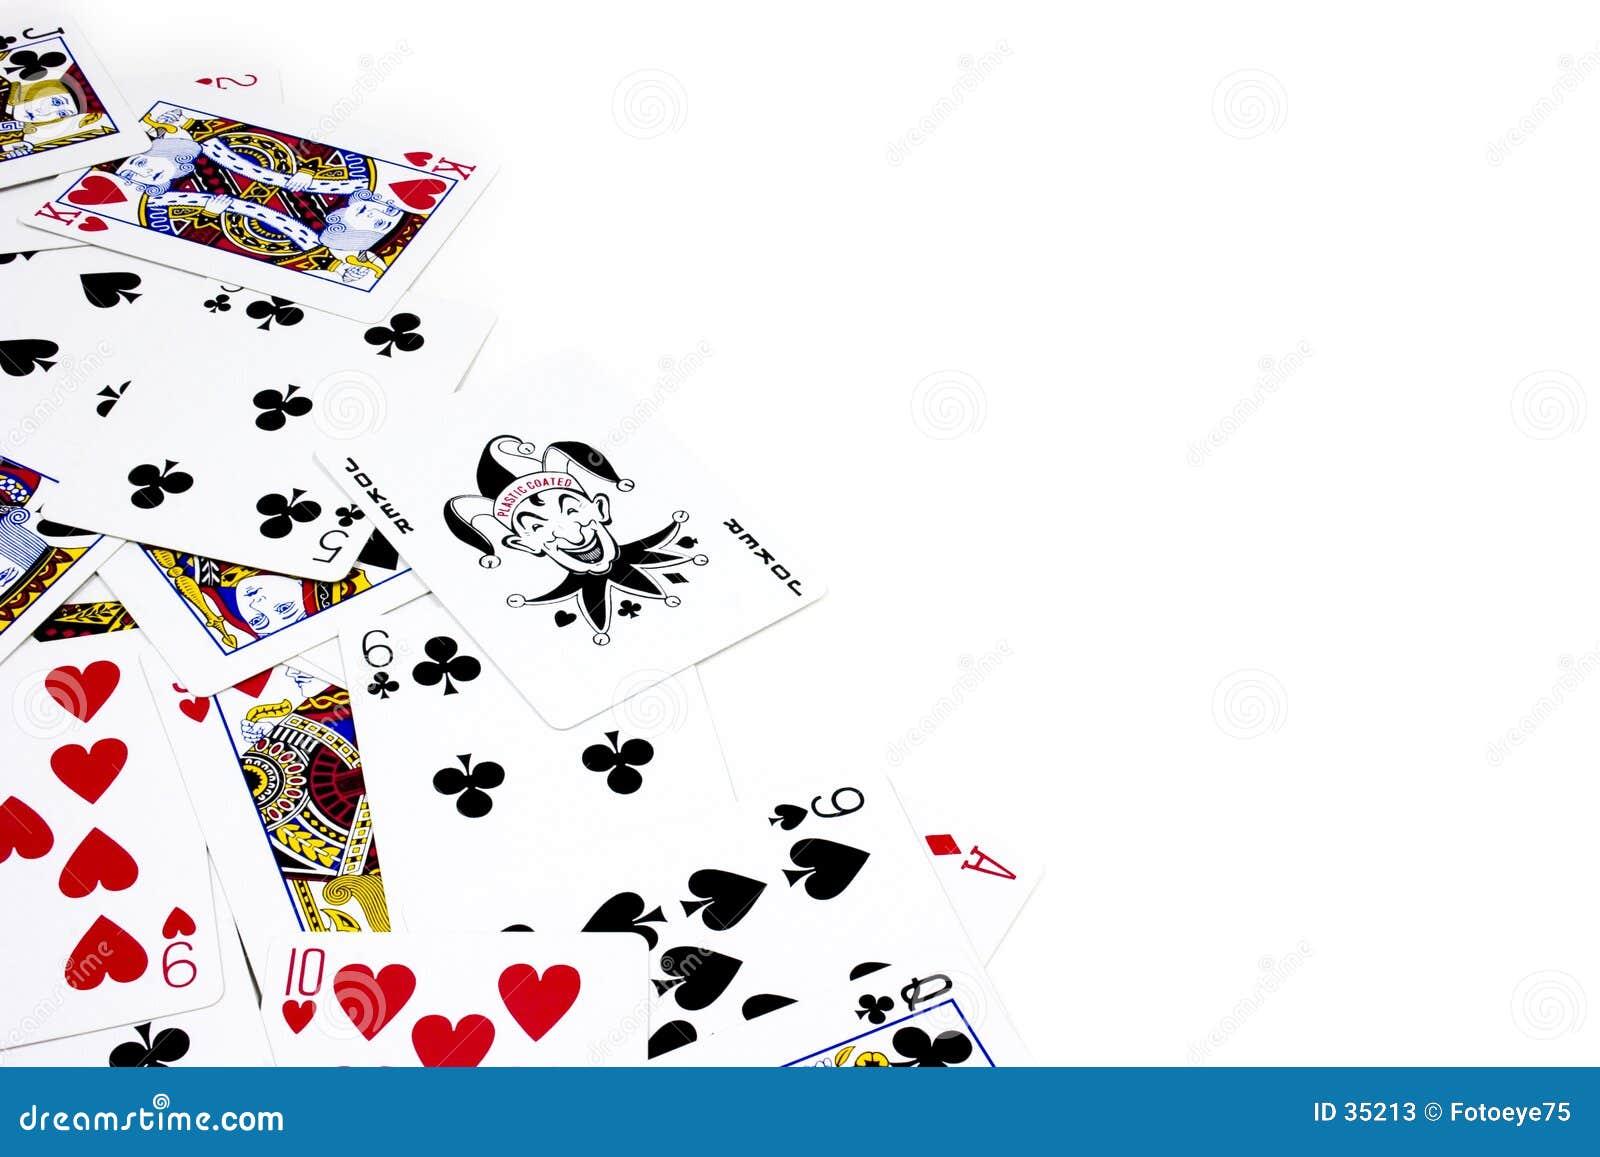 Download Karten stockbild. Bild von spiele, karten, sieger, verlierer - 35213